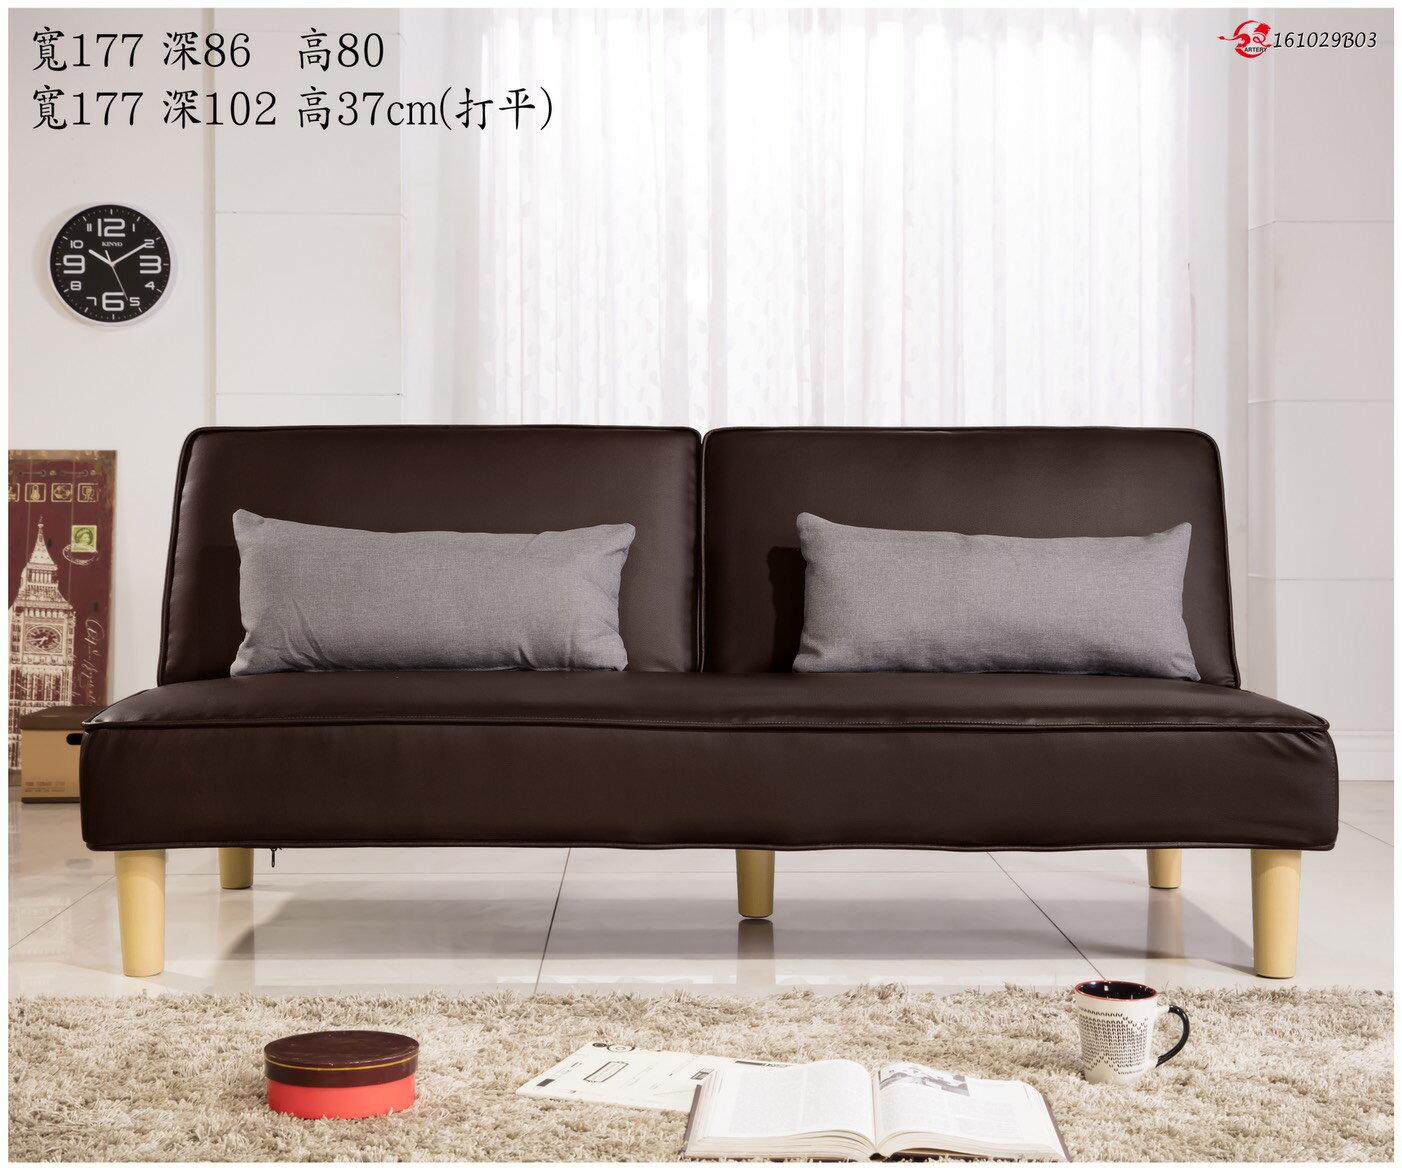 !新生活家具! 皮沙發床 皮革 三人位沙發床 咖啡色 民宿 飯店 《蘿莉》 限特特價 茶几 非 H&D ikea 宜家